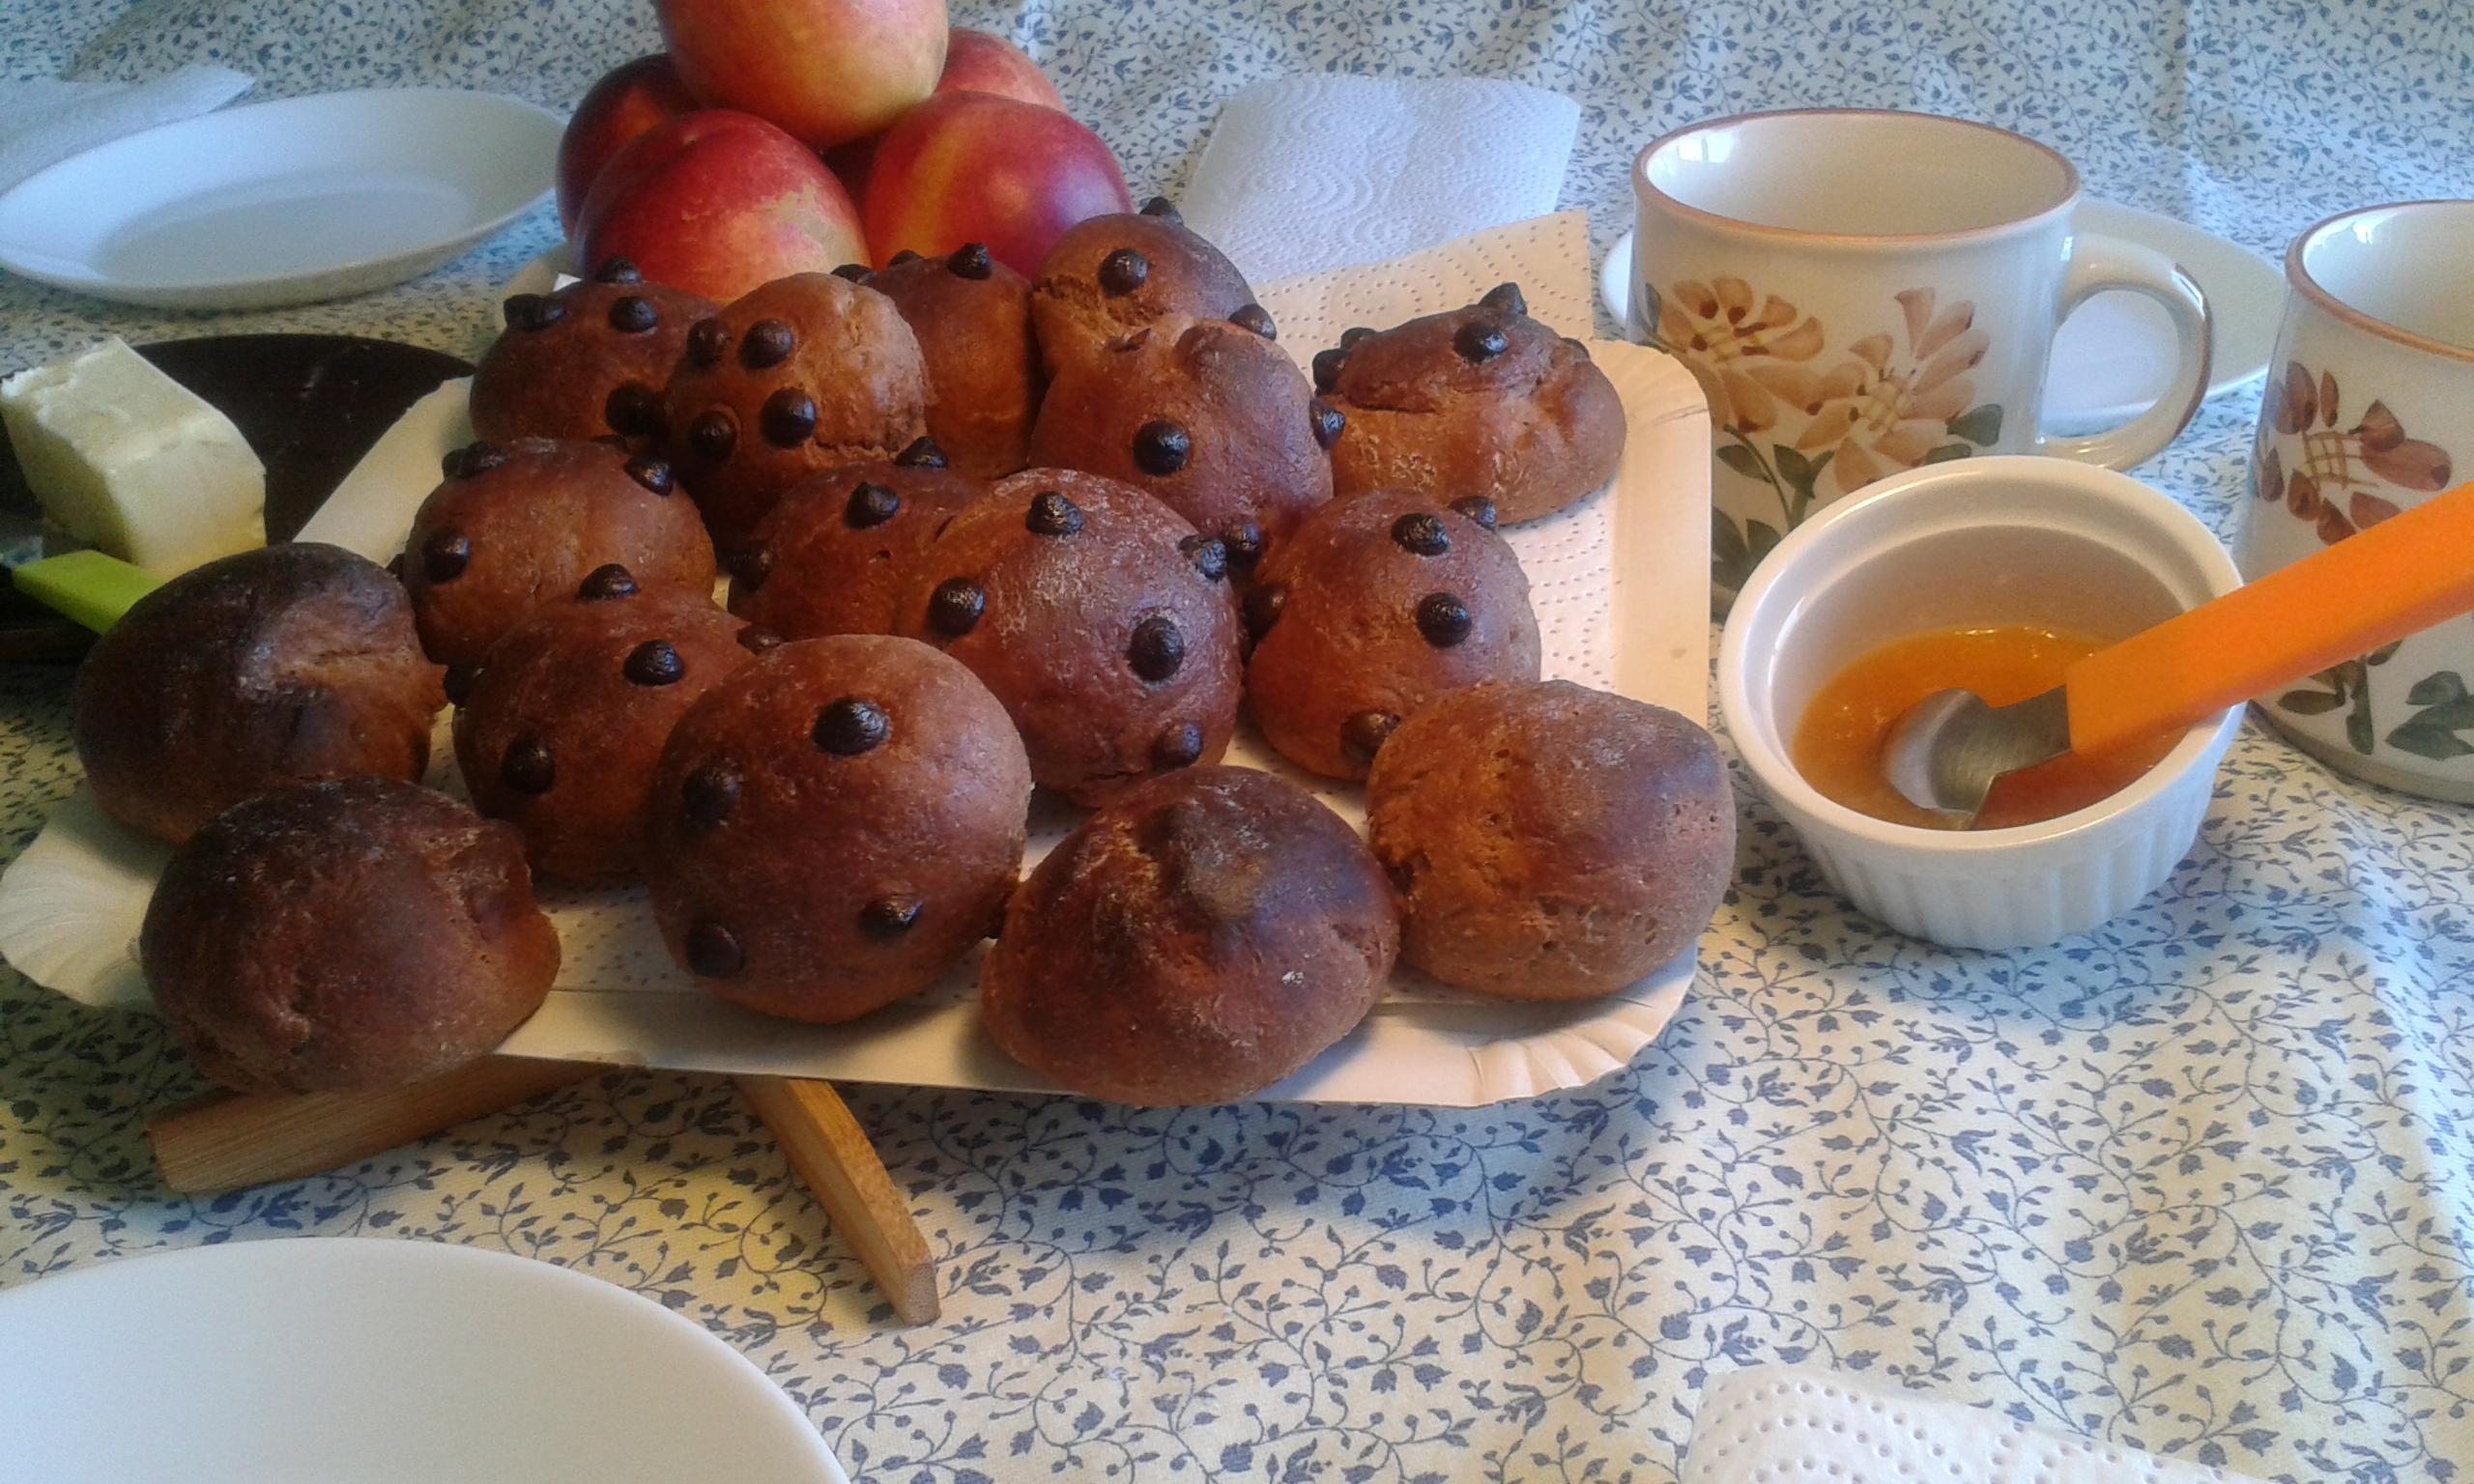 Un desayuno con panecillos de canela y chocolate decorados con pepitas de chocolate